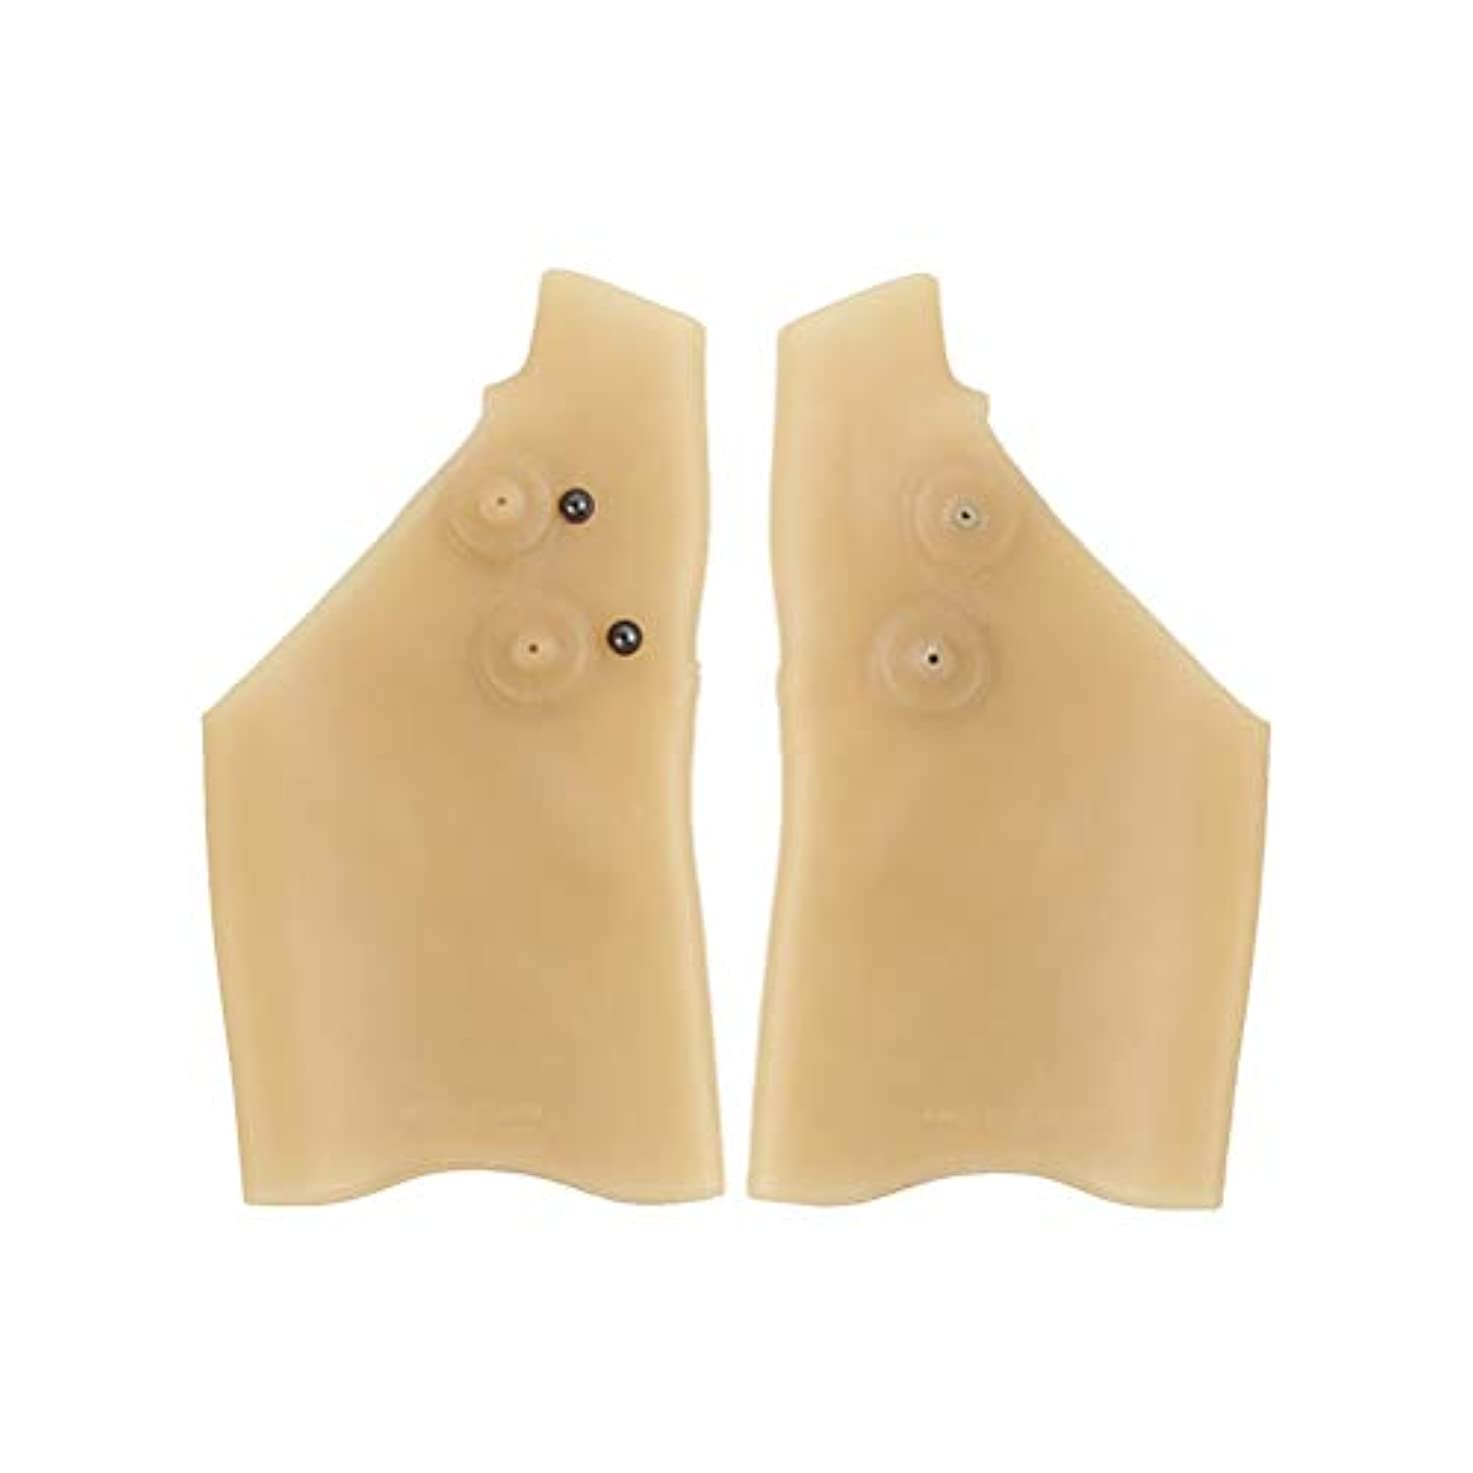 開拓者庭園たくさんHealifty 手の保護のための磁気防水手袋の手首の固定手袋